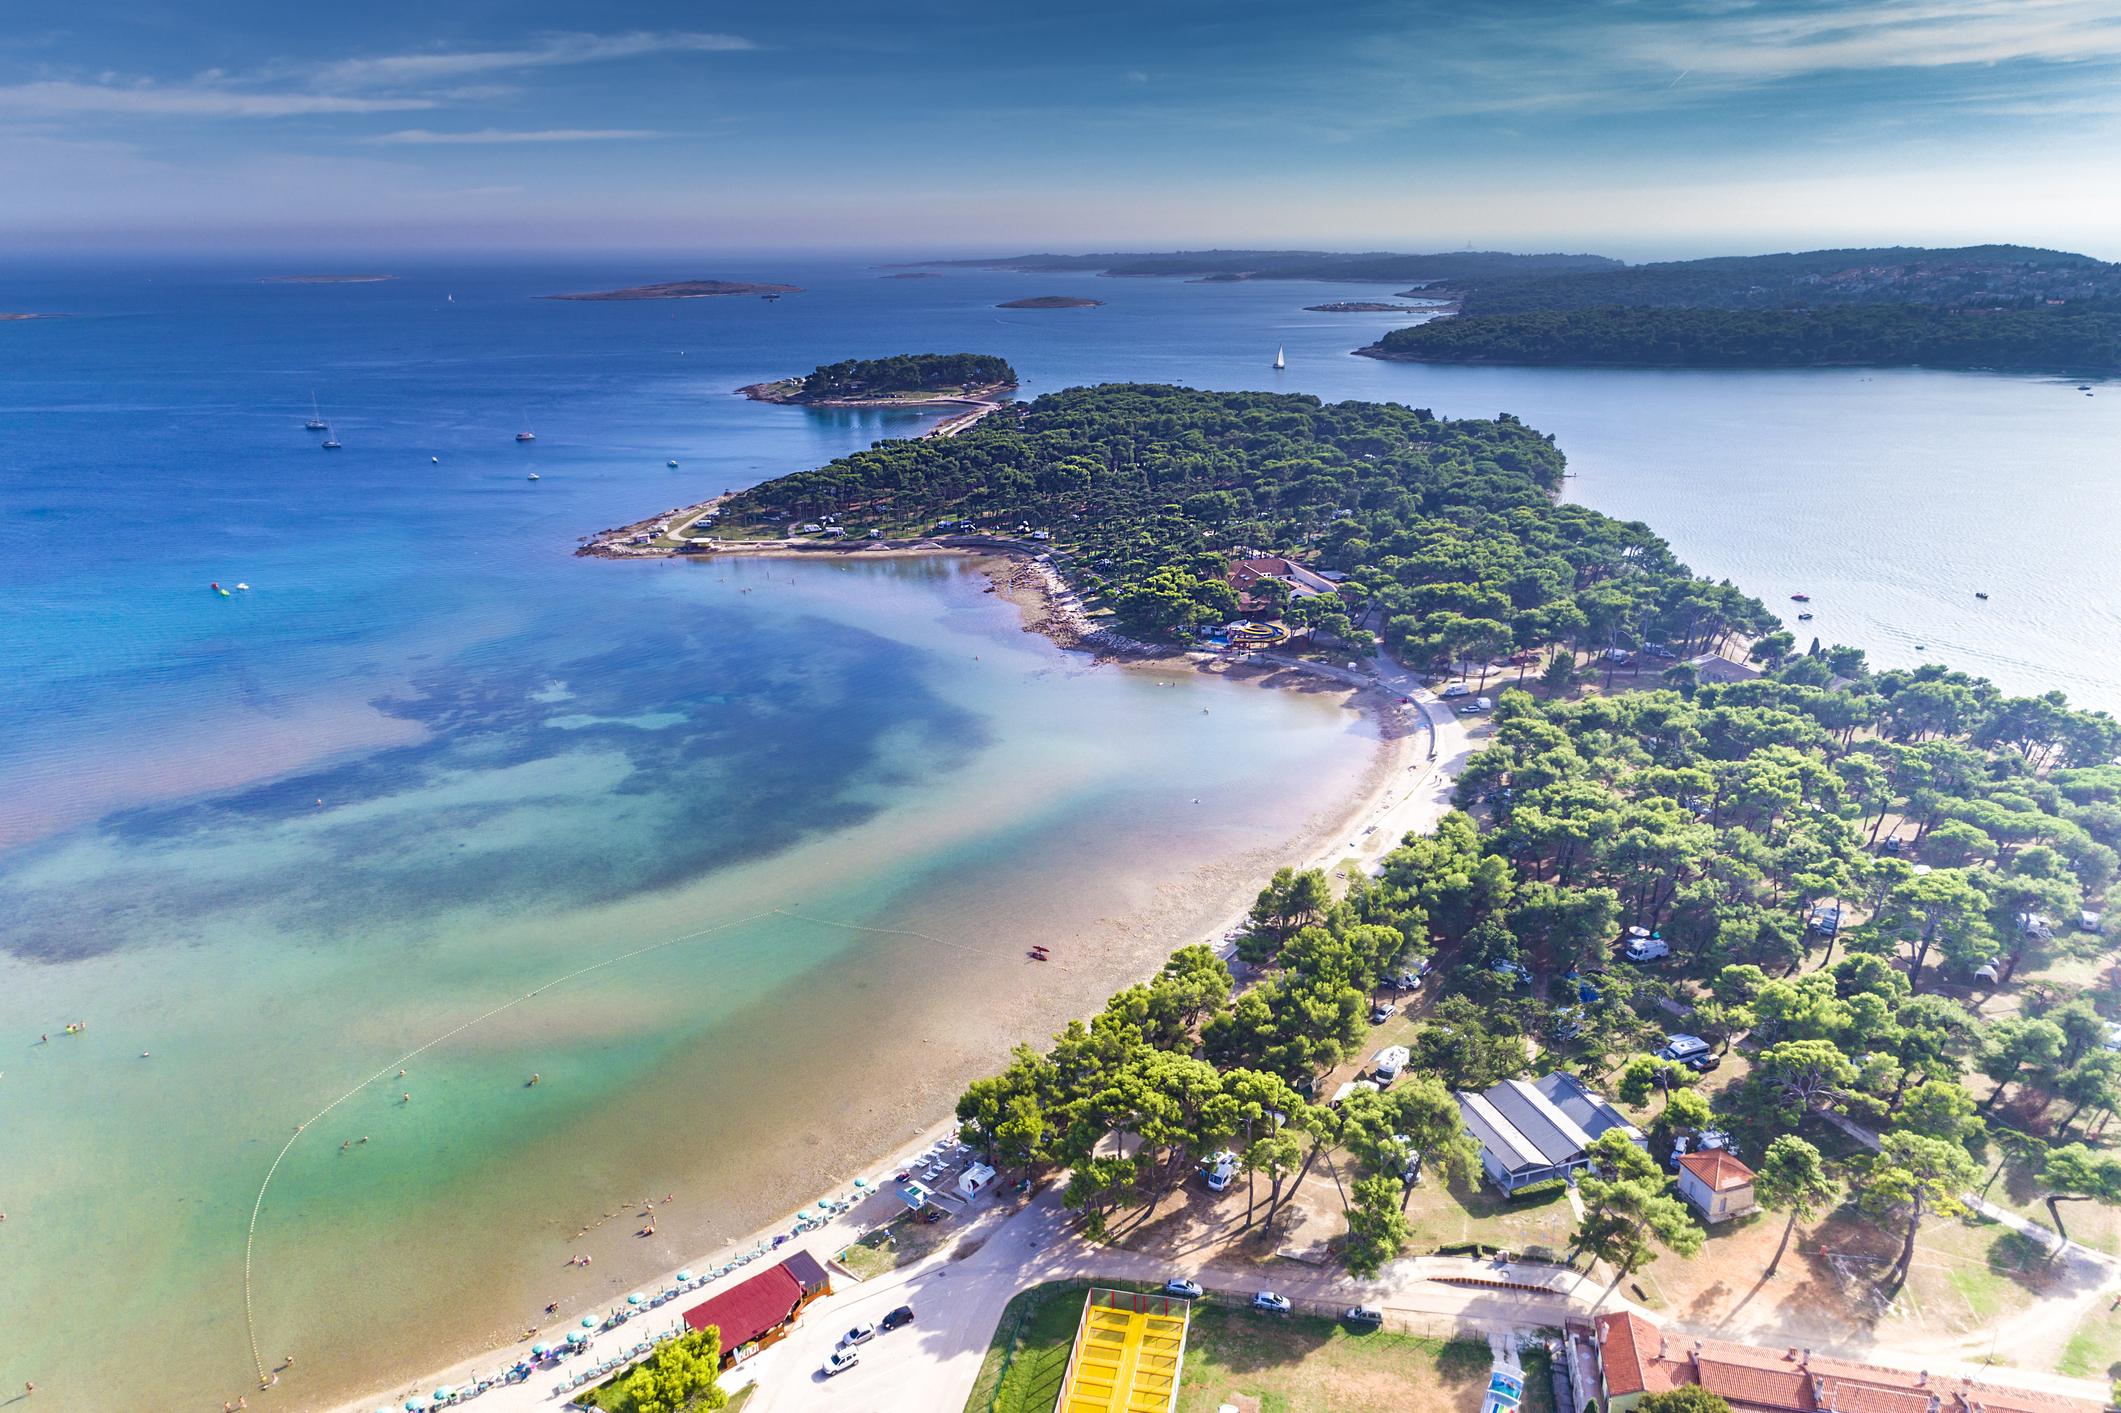 Ide menj el Horvátországban